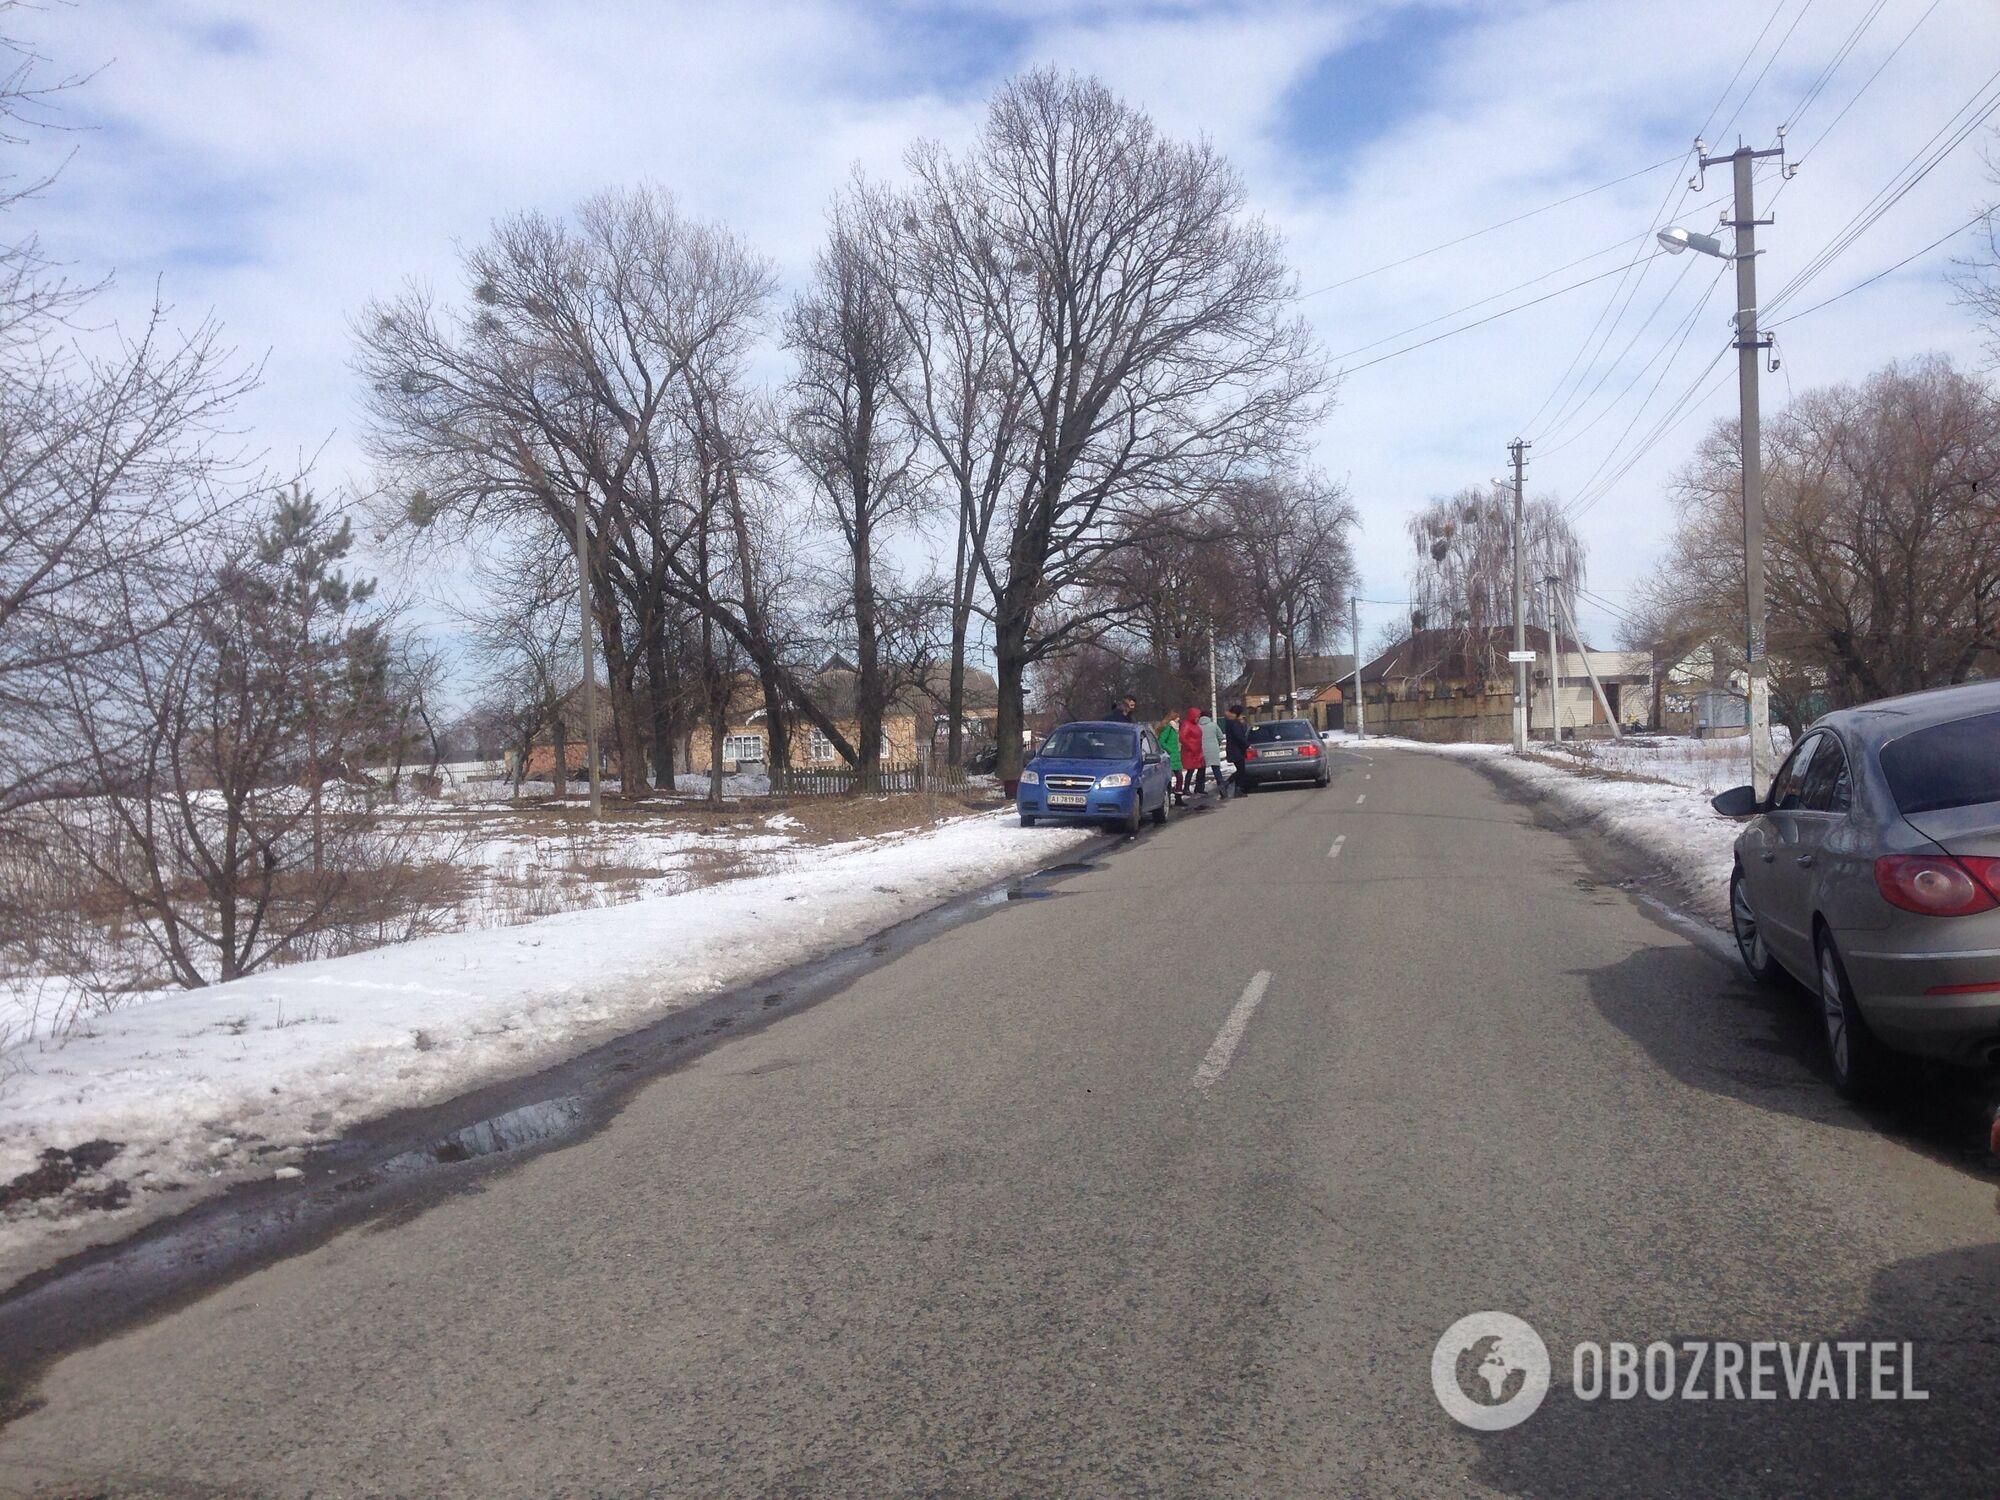 Полиция покрывает пьяного водителя? История смертельного ДТП под Киевом